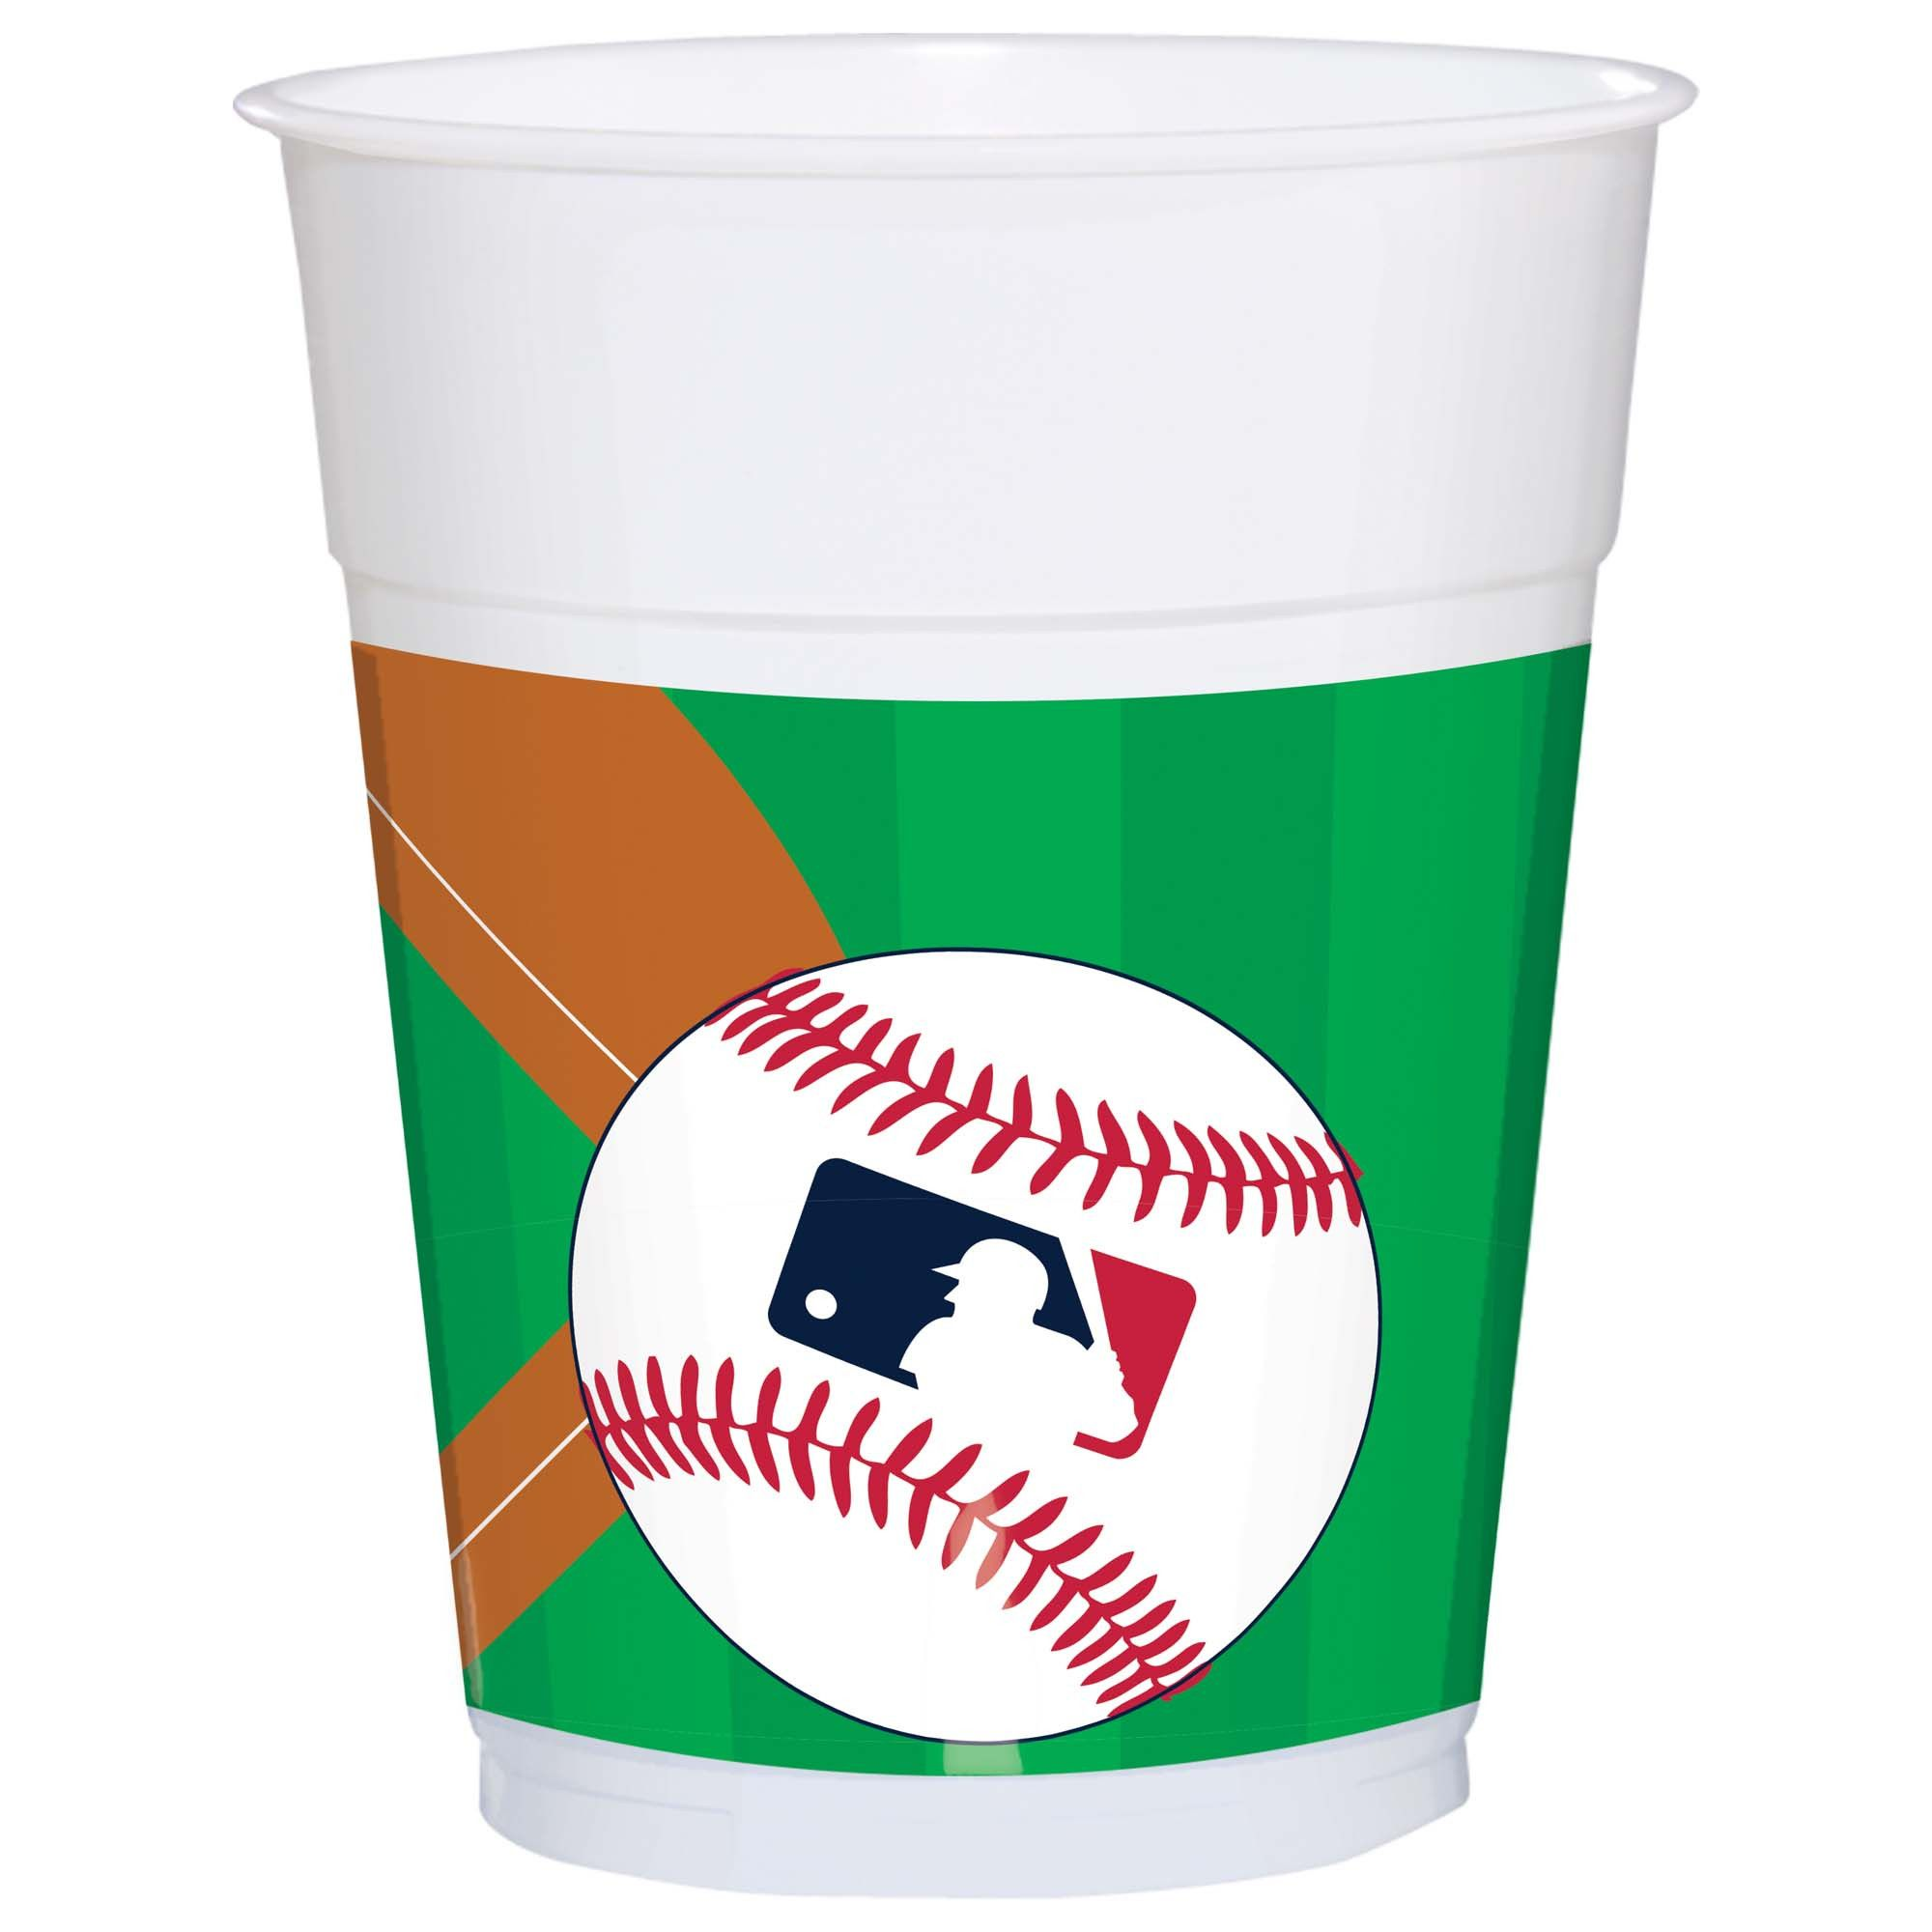 MLB Plastic Cups